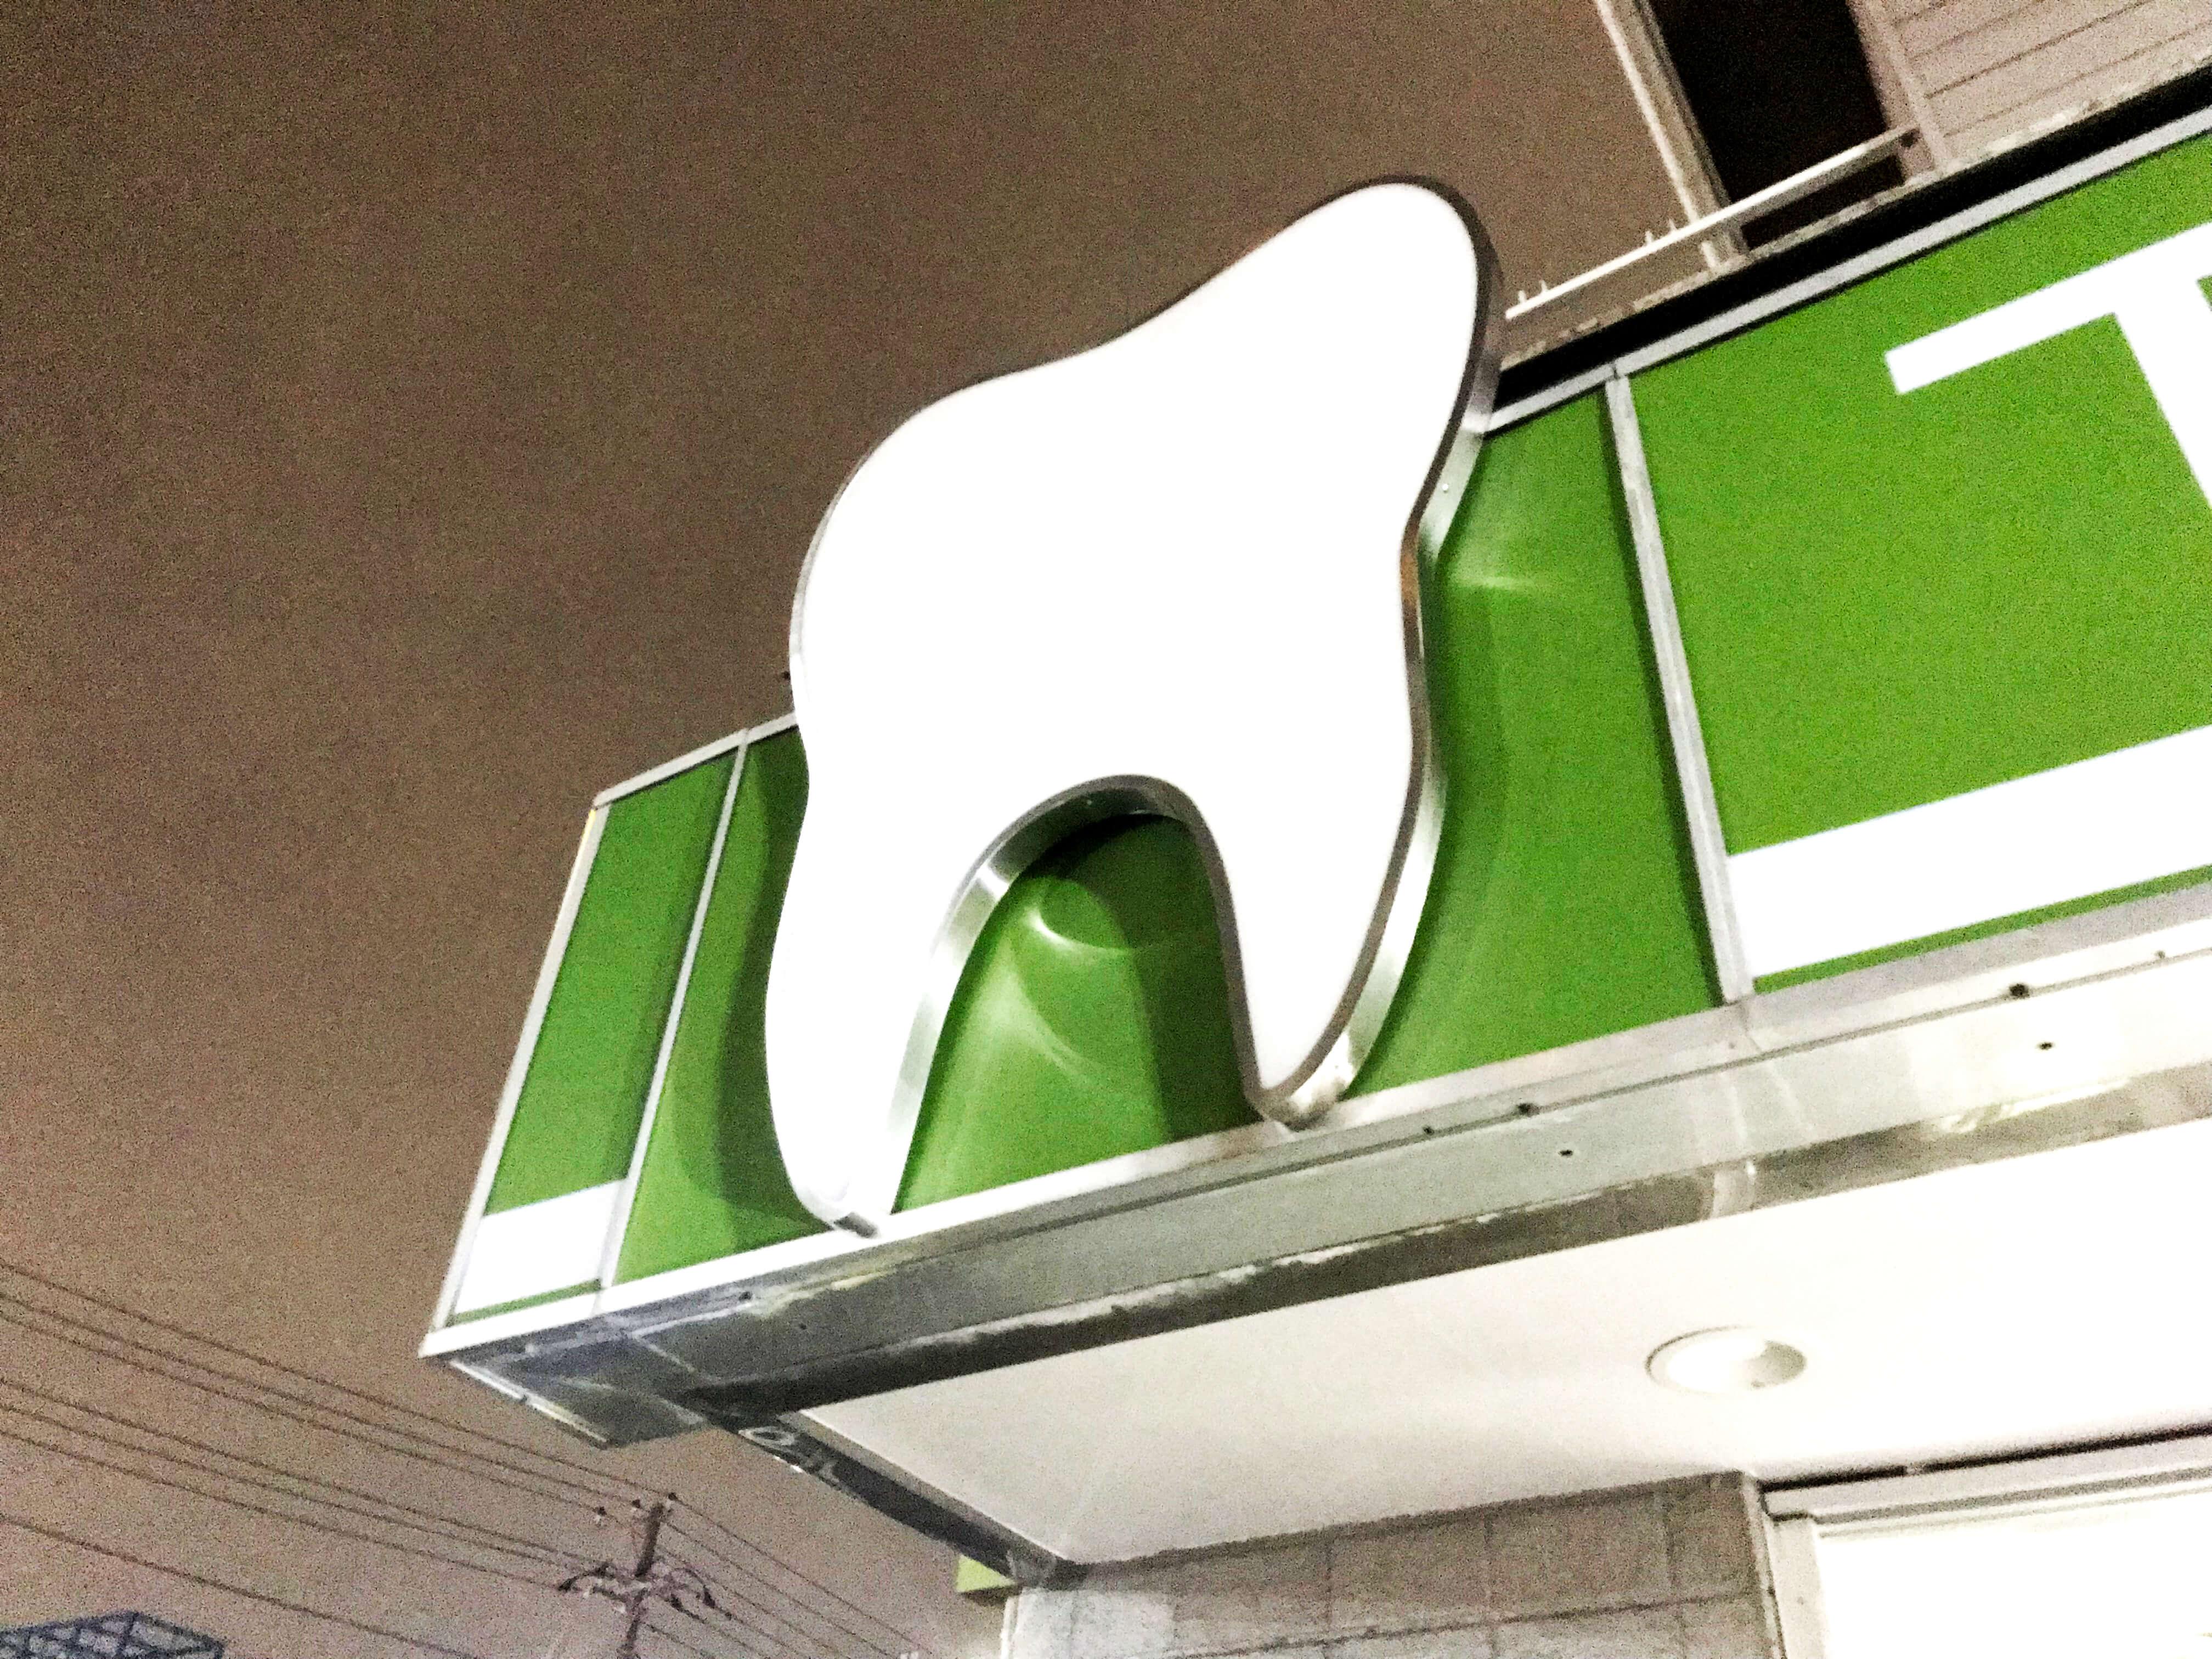 300315 3 - 【千葉県 市川市】新しく開院する歯医者さんのLED照明看板、カッティングシート、電飾看板施工・デザインを担当しました。